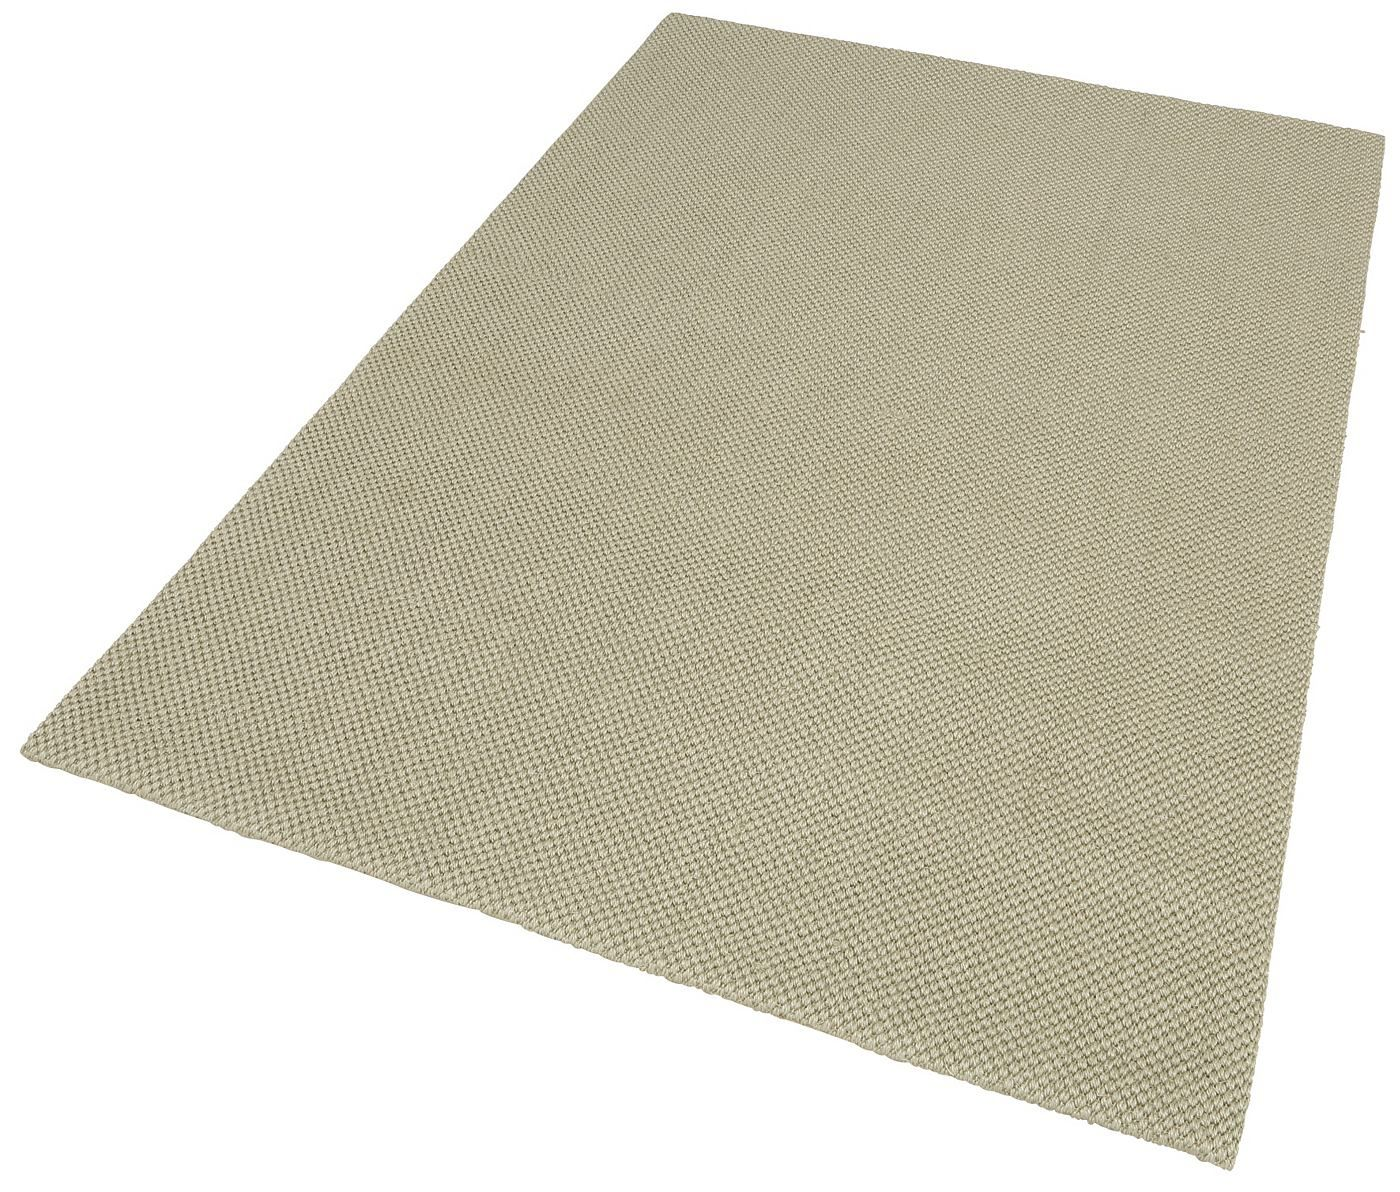 Details:  Uni-Teppich, Echt Sisal, Fußbodenheizungsgeeignet,  Qualität:  Maschinengewebt, 2,35 kg/m² Gesamtgewicht (ca.), 8 mm Gesamthöhe (ca.), Latexrücken, Rutschhemmende Beschichtung auf der Unterseite,  Flormaterial:  100 % Sisal,  Wissenswertes:  Naturprodukte unterstützen die Klimaregulation,  Qualitätshinweis:  Geprüfte Qualität - dieser Artikel untersteht laufenden Kontrollen unserer Qu...